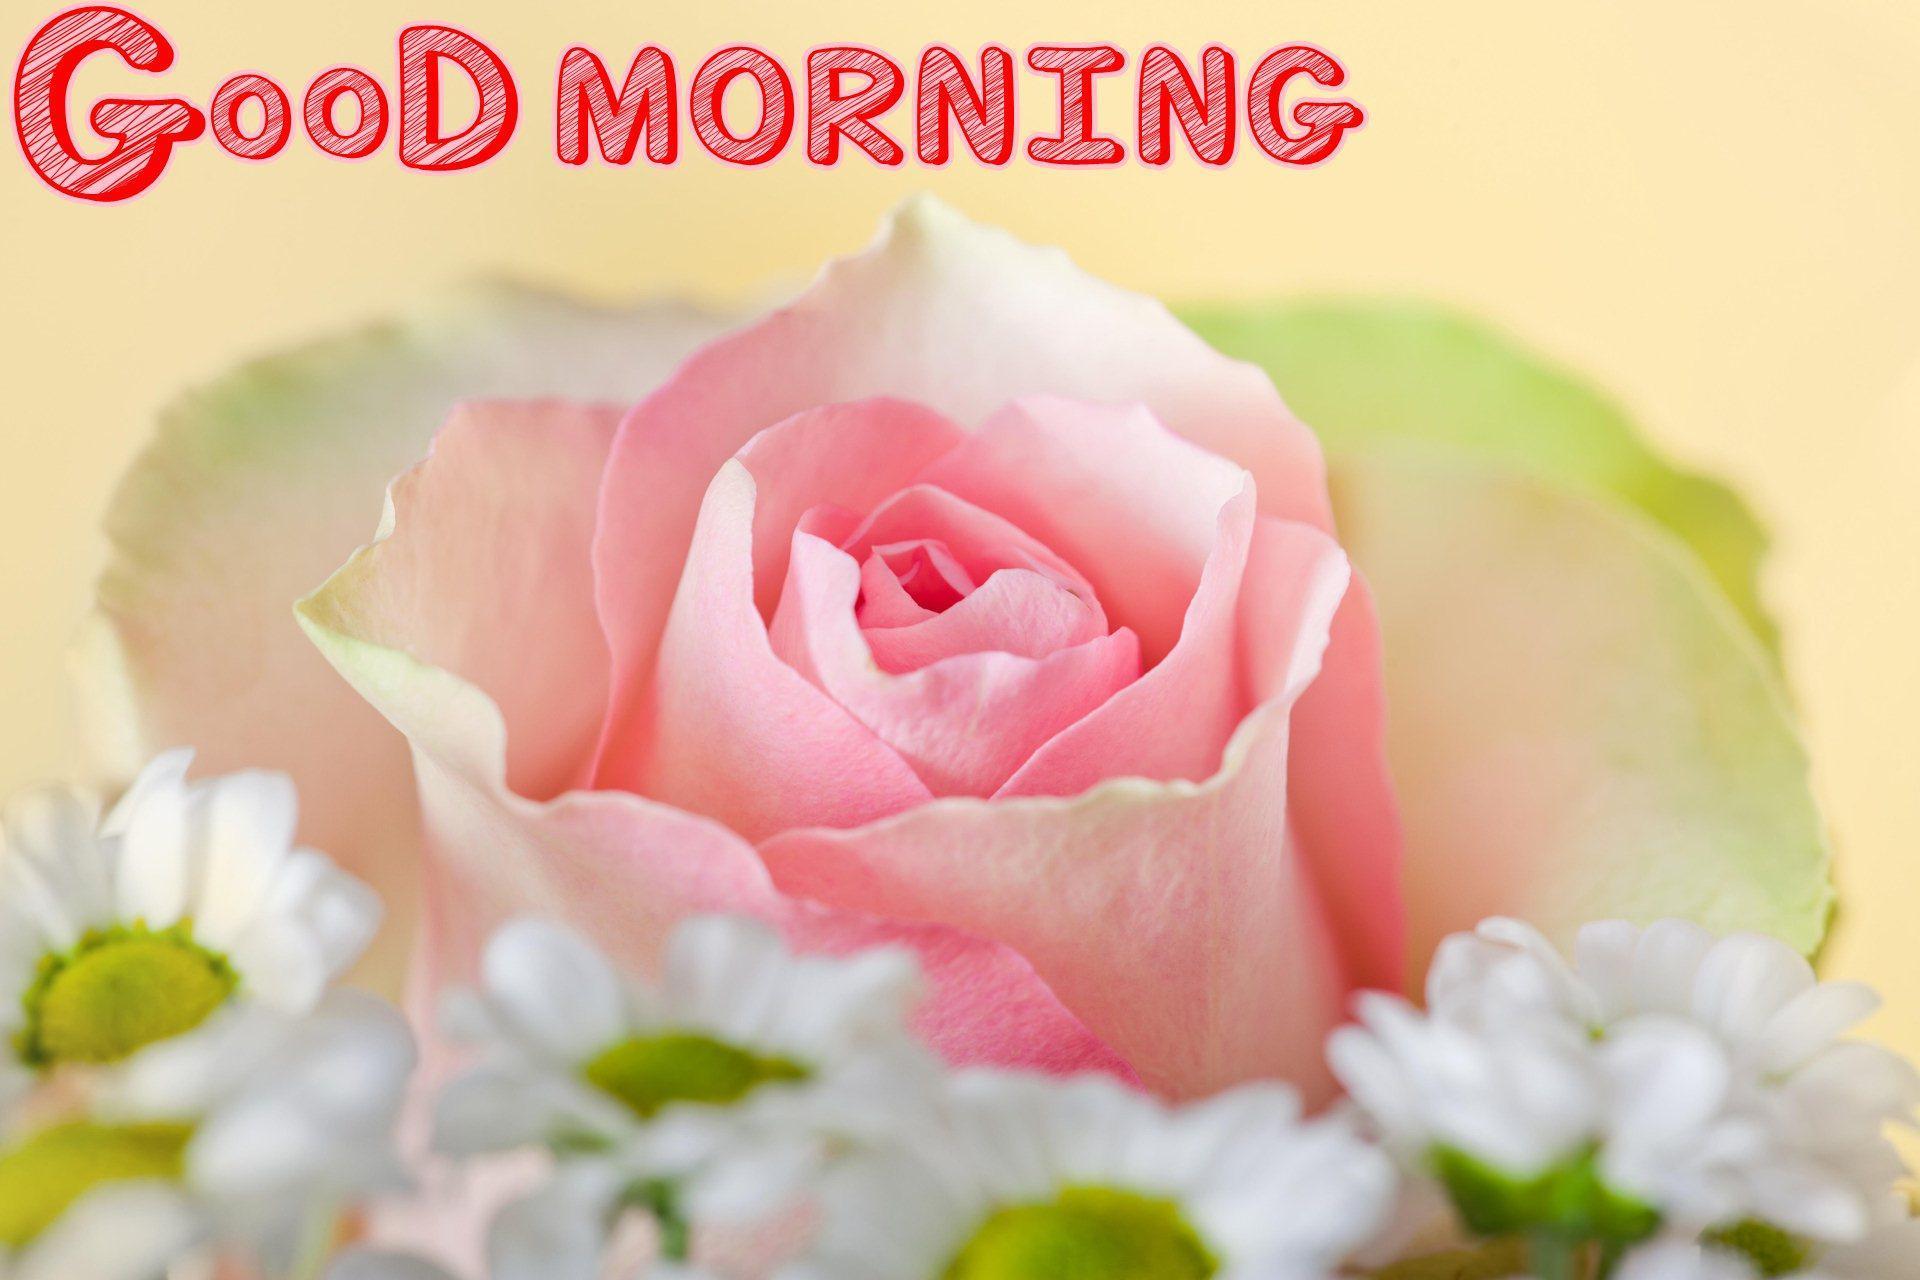 1920x1280 Chào buổi sáng Hình nền đẹp